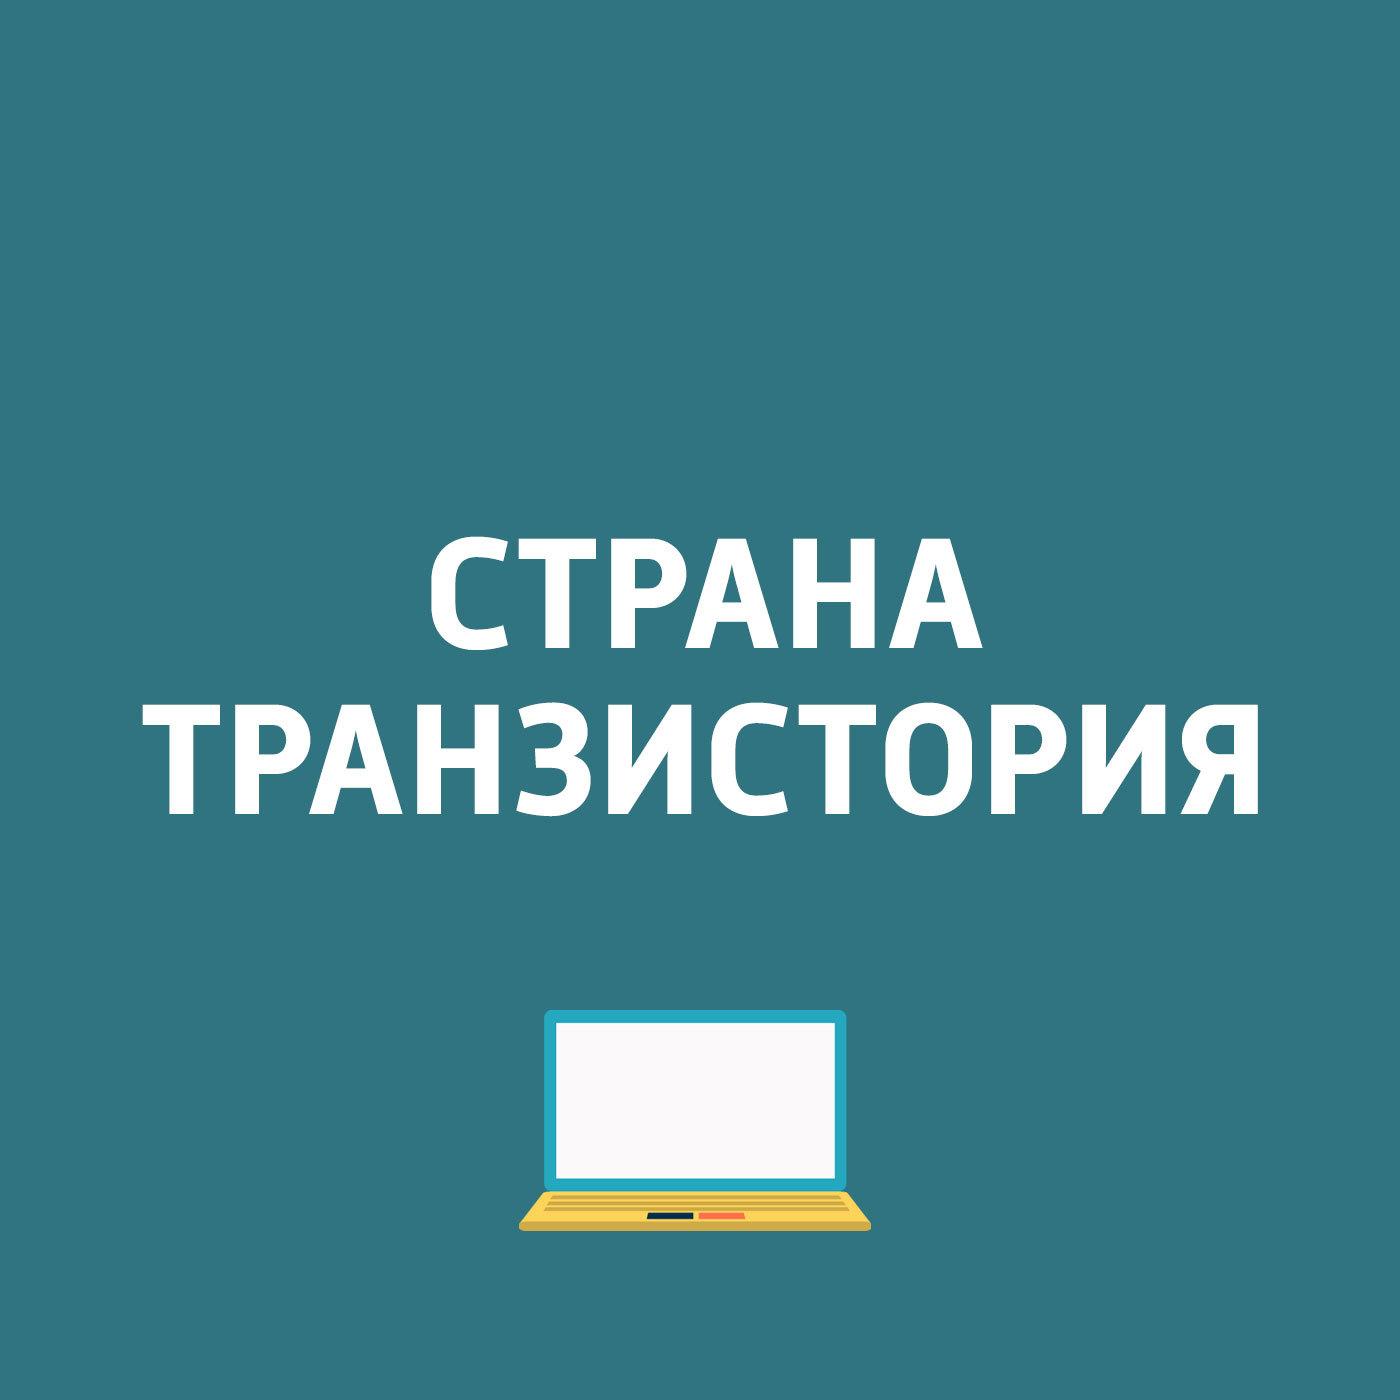 Картаев Павел Смартфон V35 ThinQ; Xiaomi Mi 8 появится в России; С 1 июня россияне начнут больше платить за интернет картаев павел hmd global выпустила смартфон nokia 8 eset обнаружила вирус для устройств на андроиде